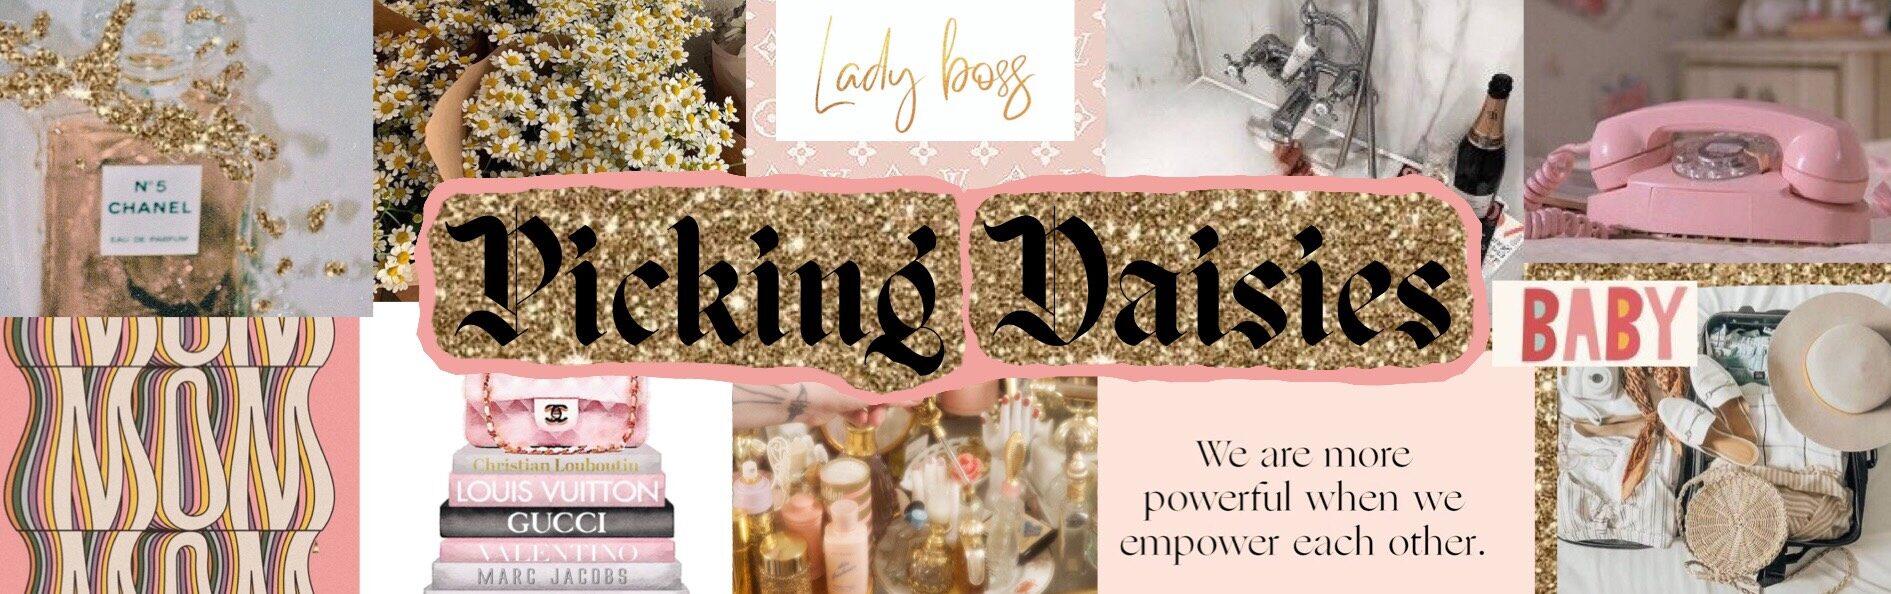 Picking Daisies Blog